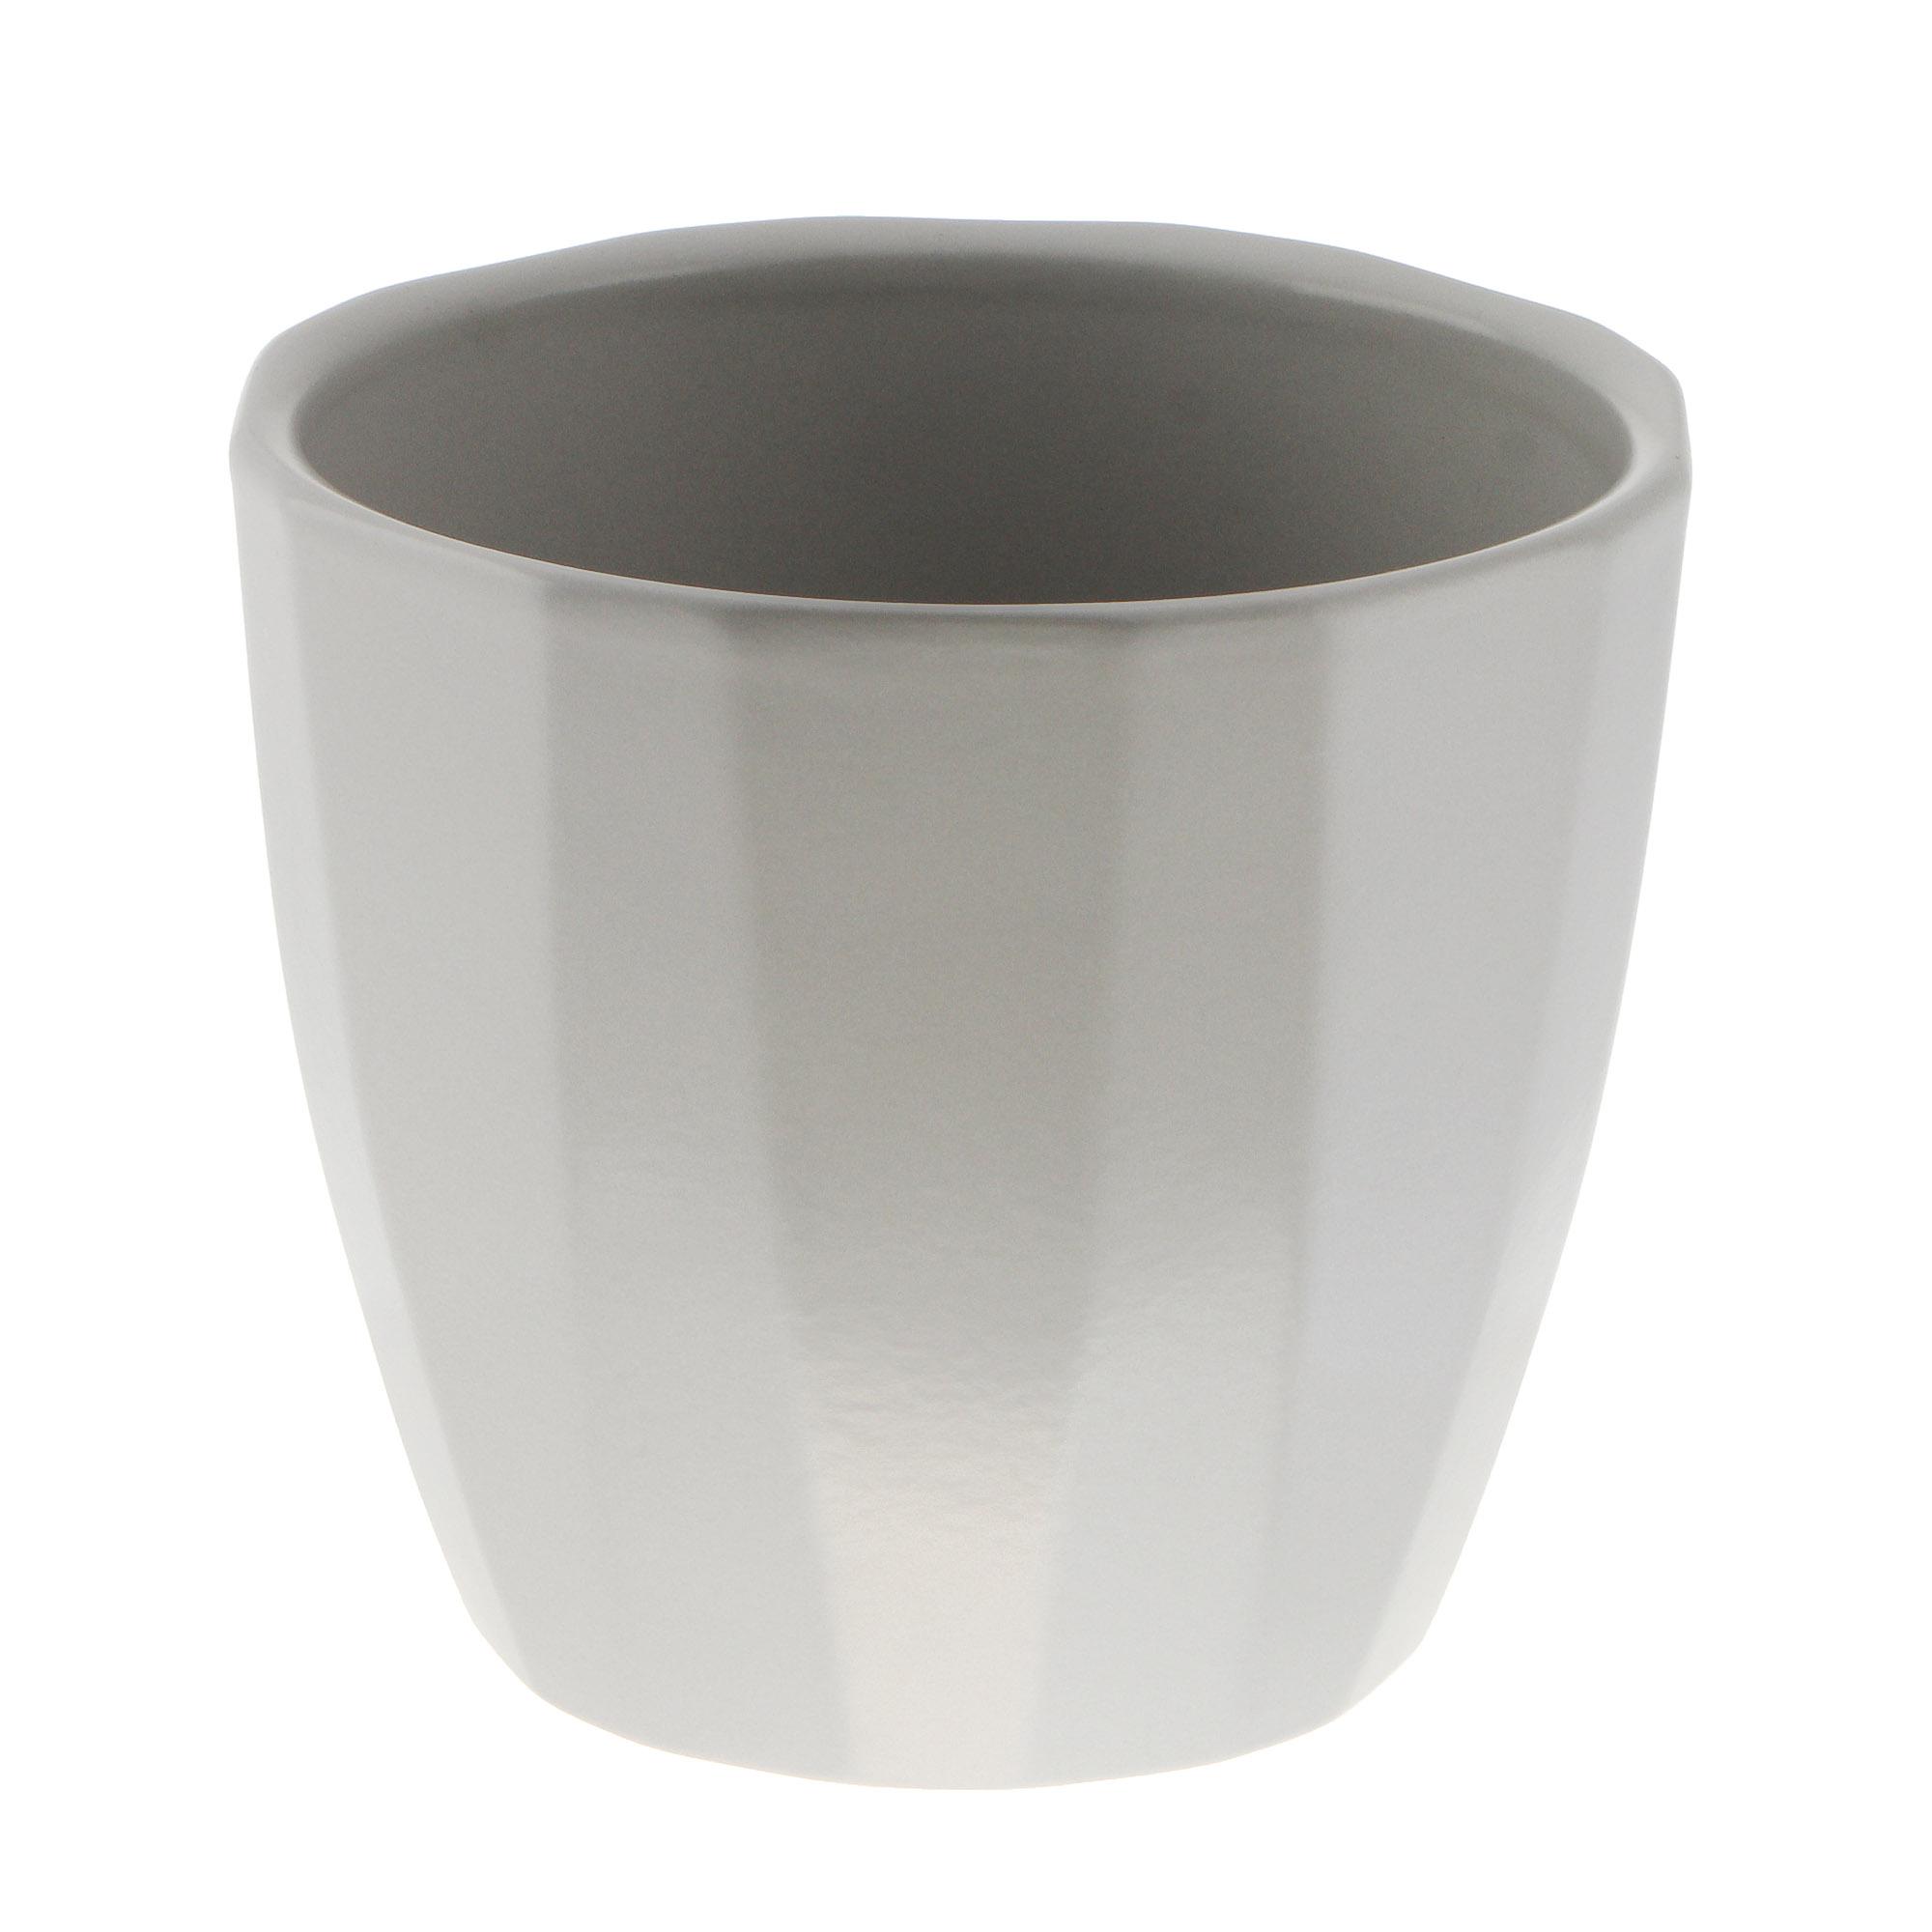 Кашпо Scheurich elegance grey 15см